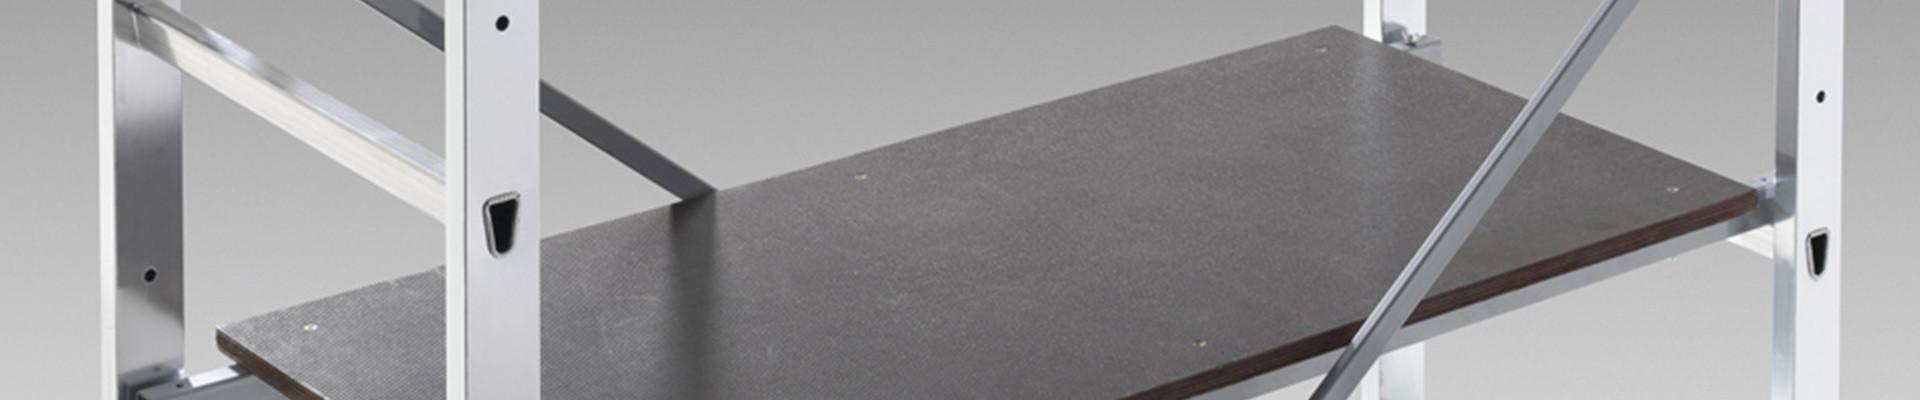 Pièces détachées échafaudages   Garantie mini 2 ans   Hailo France